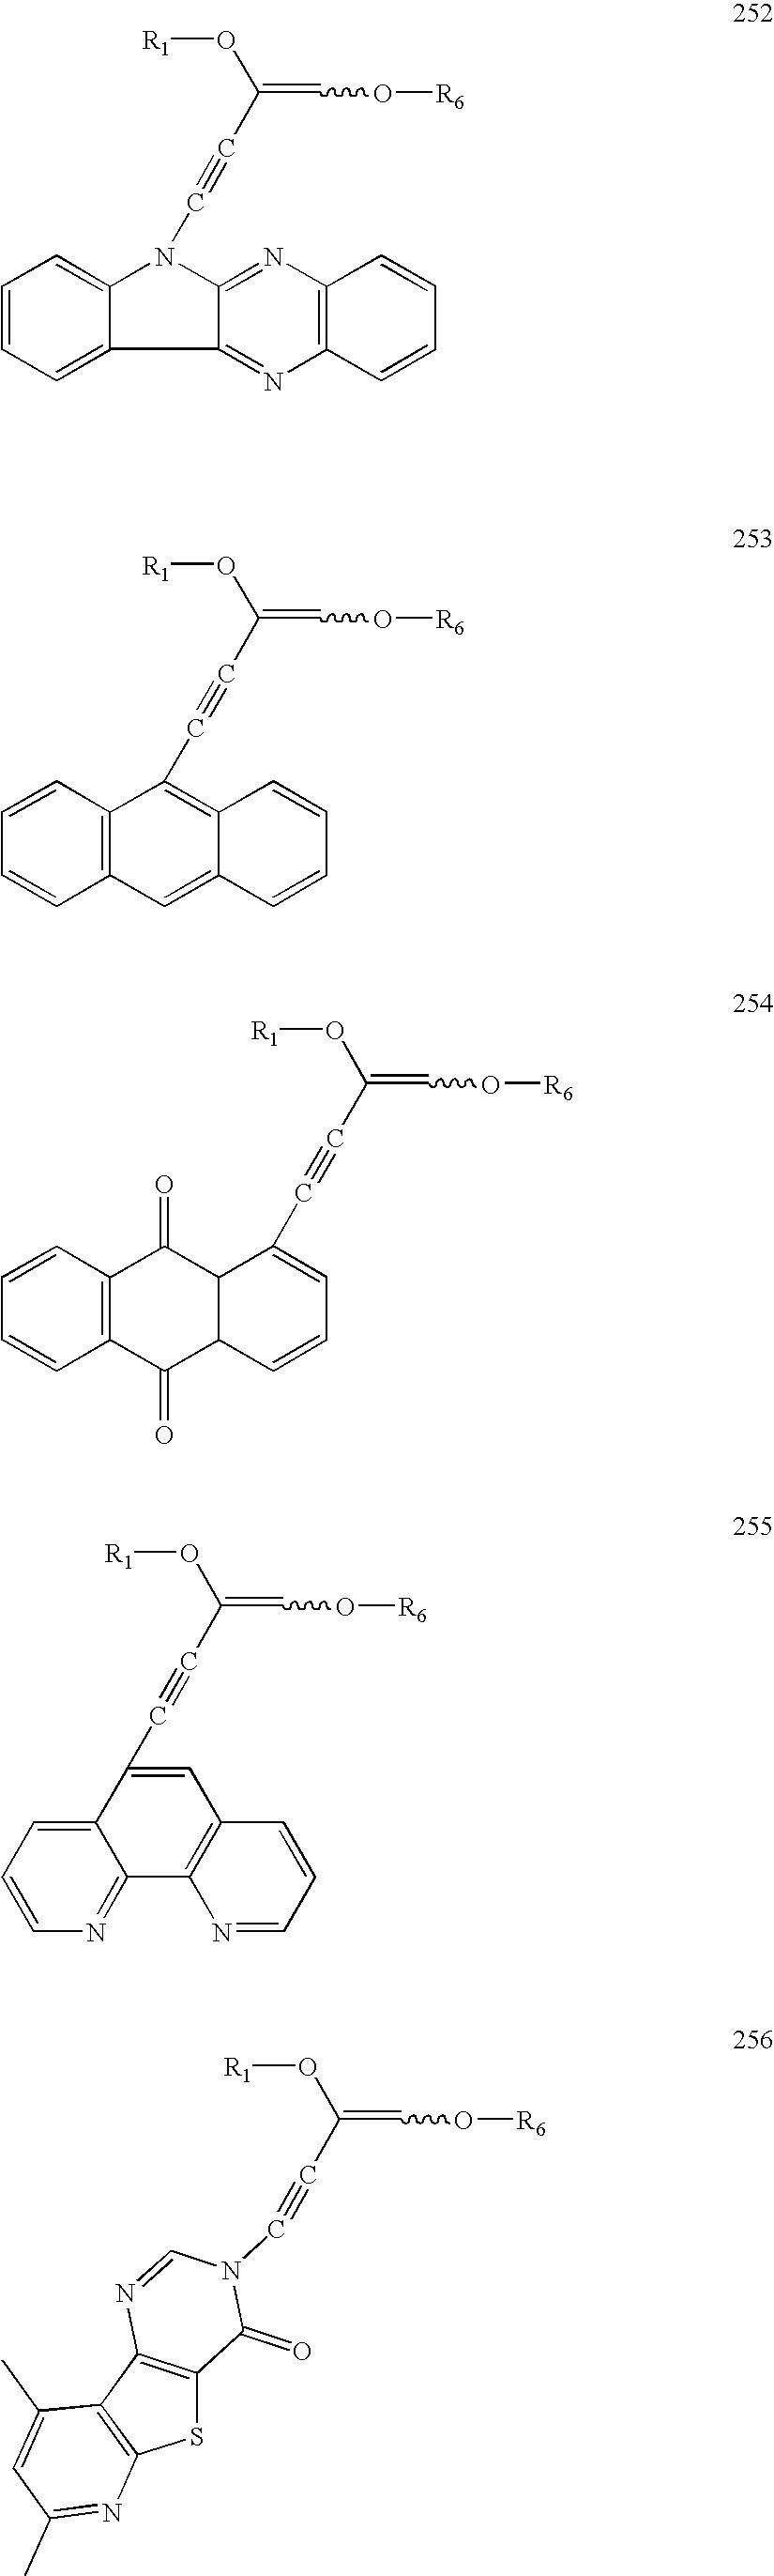 Figure US20060014144A1-20060119-C00143